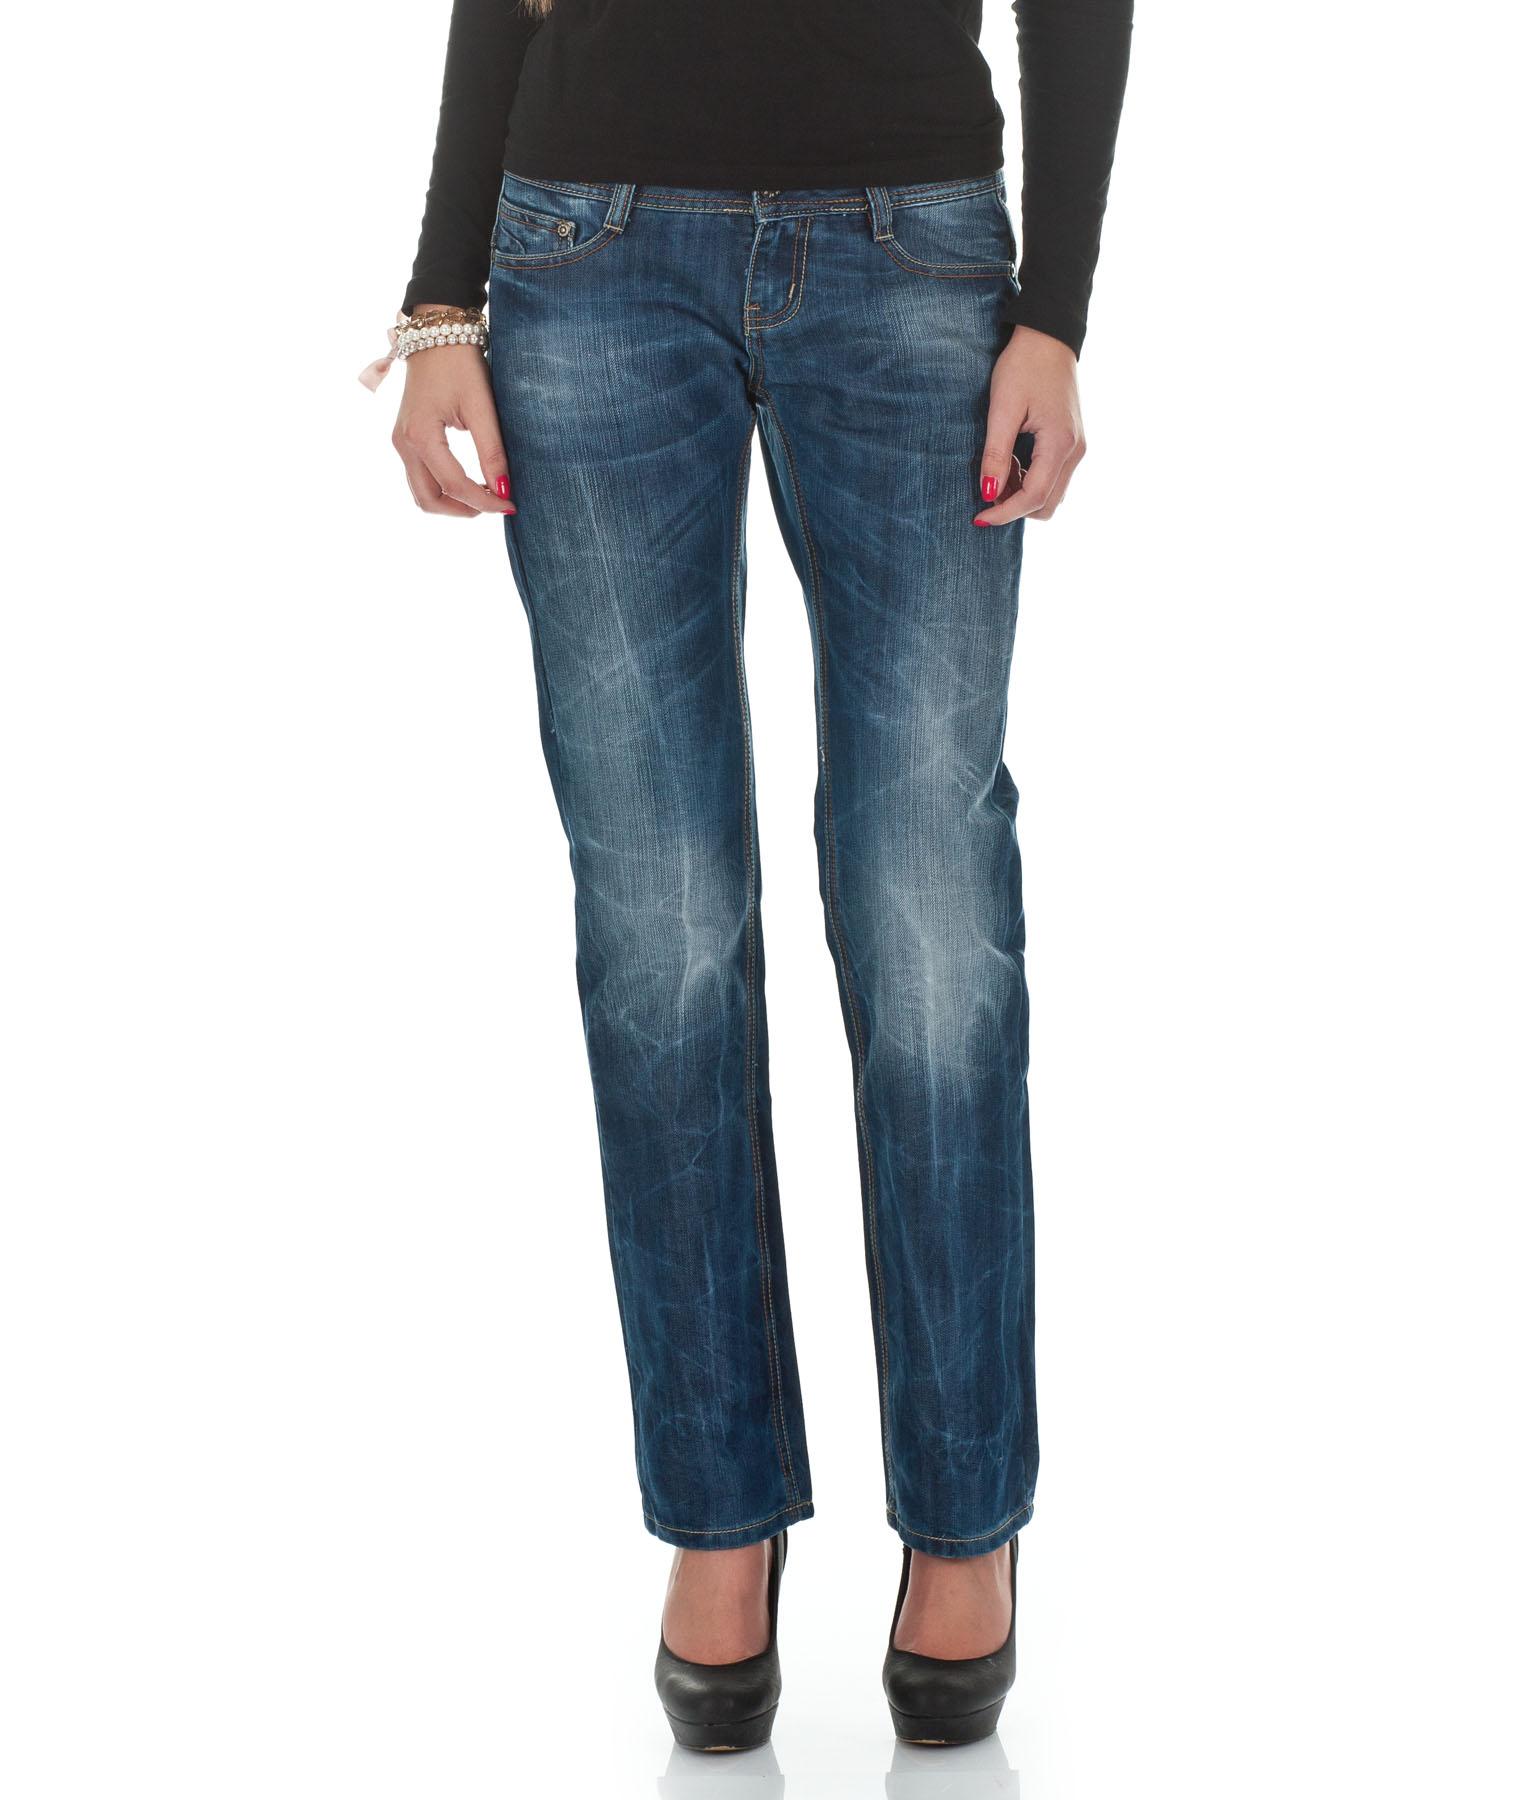 m o d jeans damen hose monopol 2012 star mod 4467 blau d g ebay. Black Bedroom Furniture Sets. Home Design Ideas